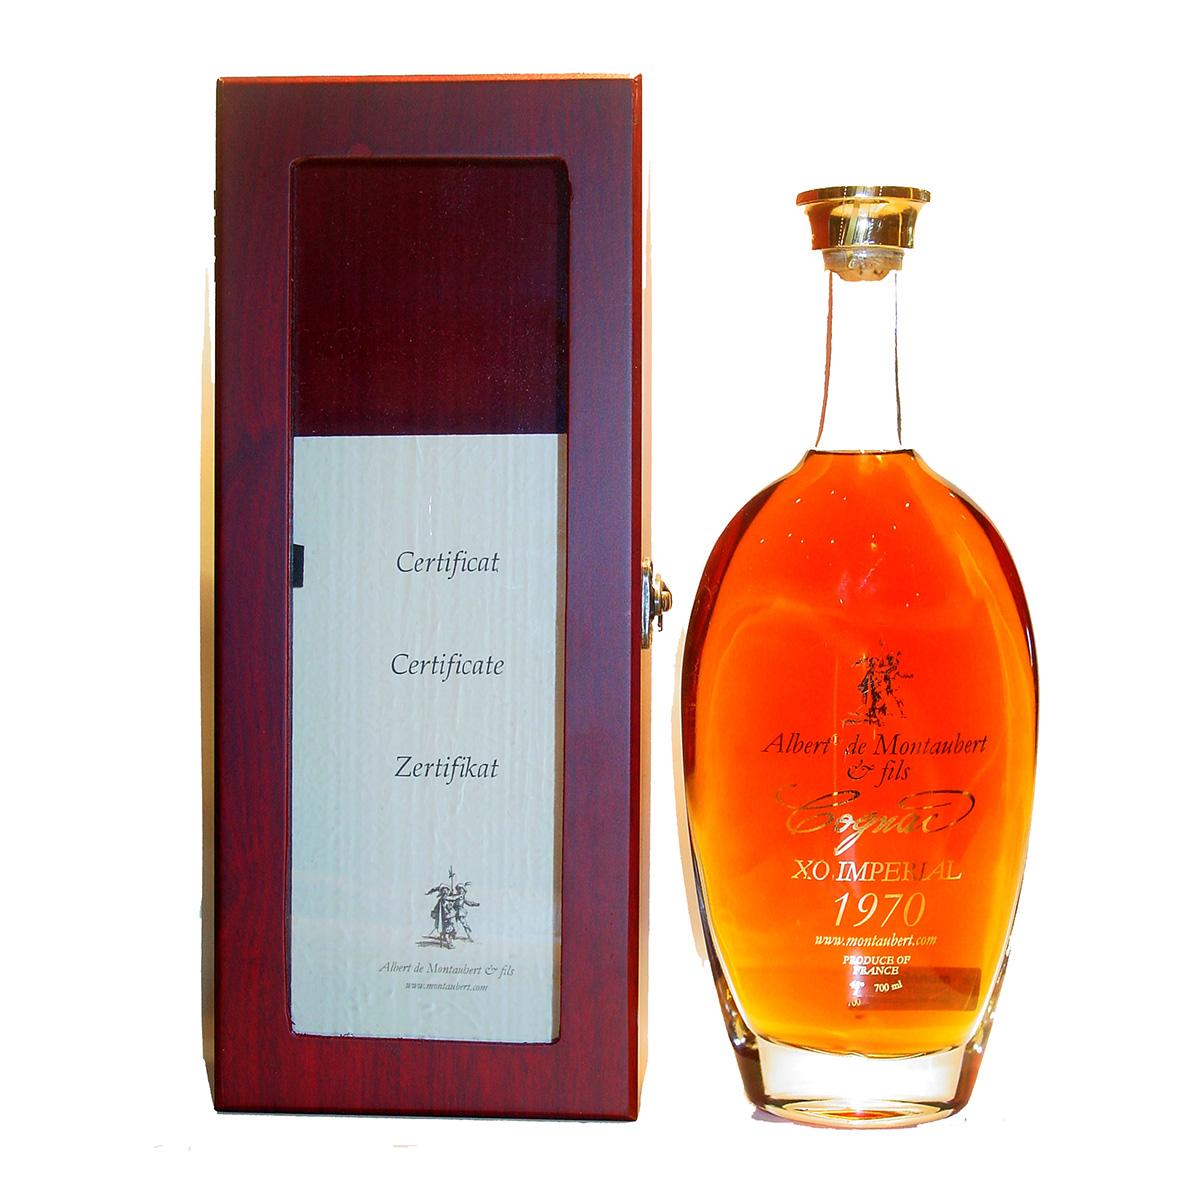 Albert de Montaubert XO impérial 1970 Cognac